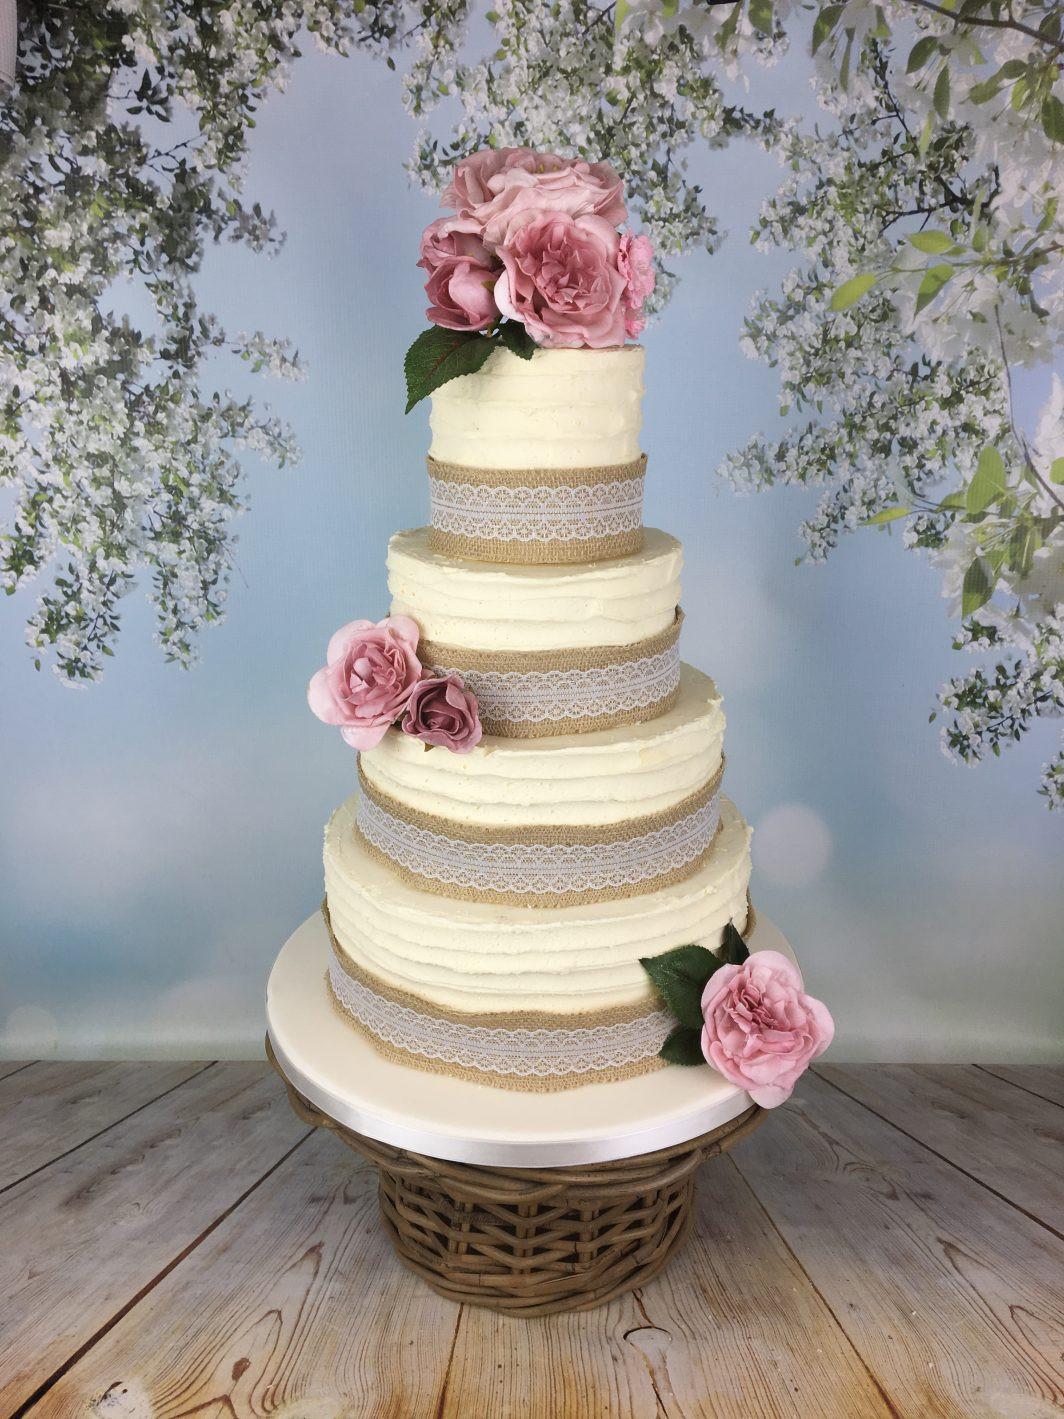 Rustic Buttercream Wedding Cakes  Rustic buttercream wedding cake Mel s Amazing Cakes